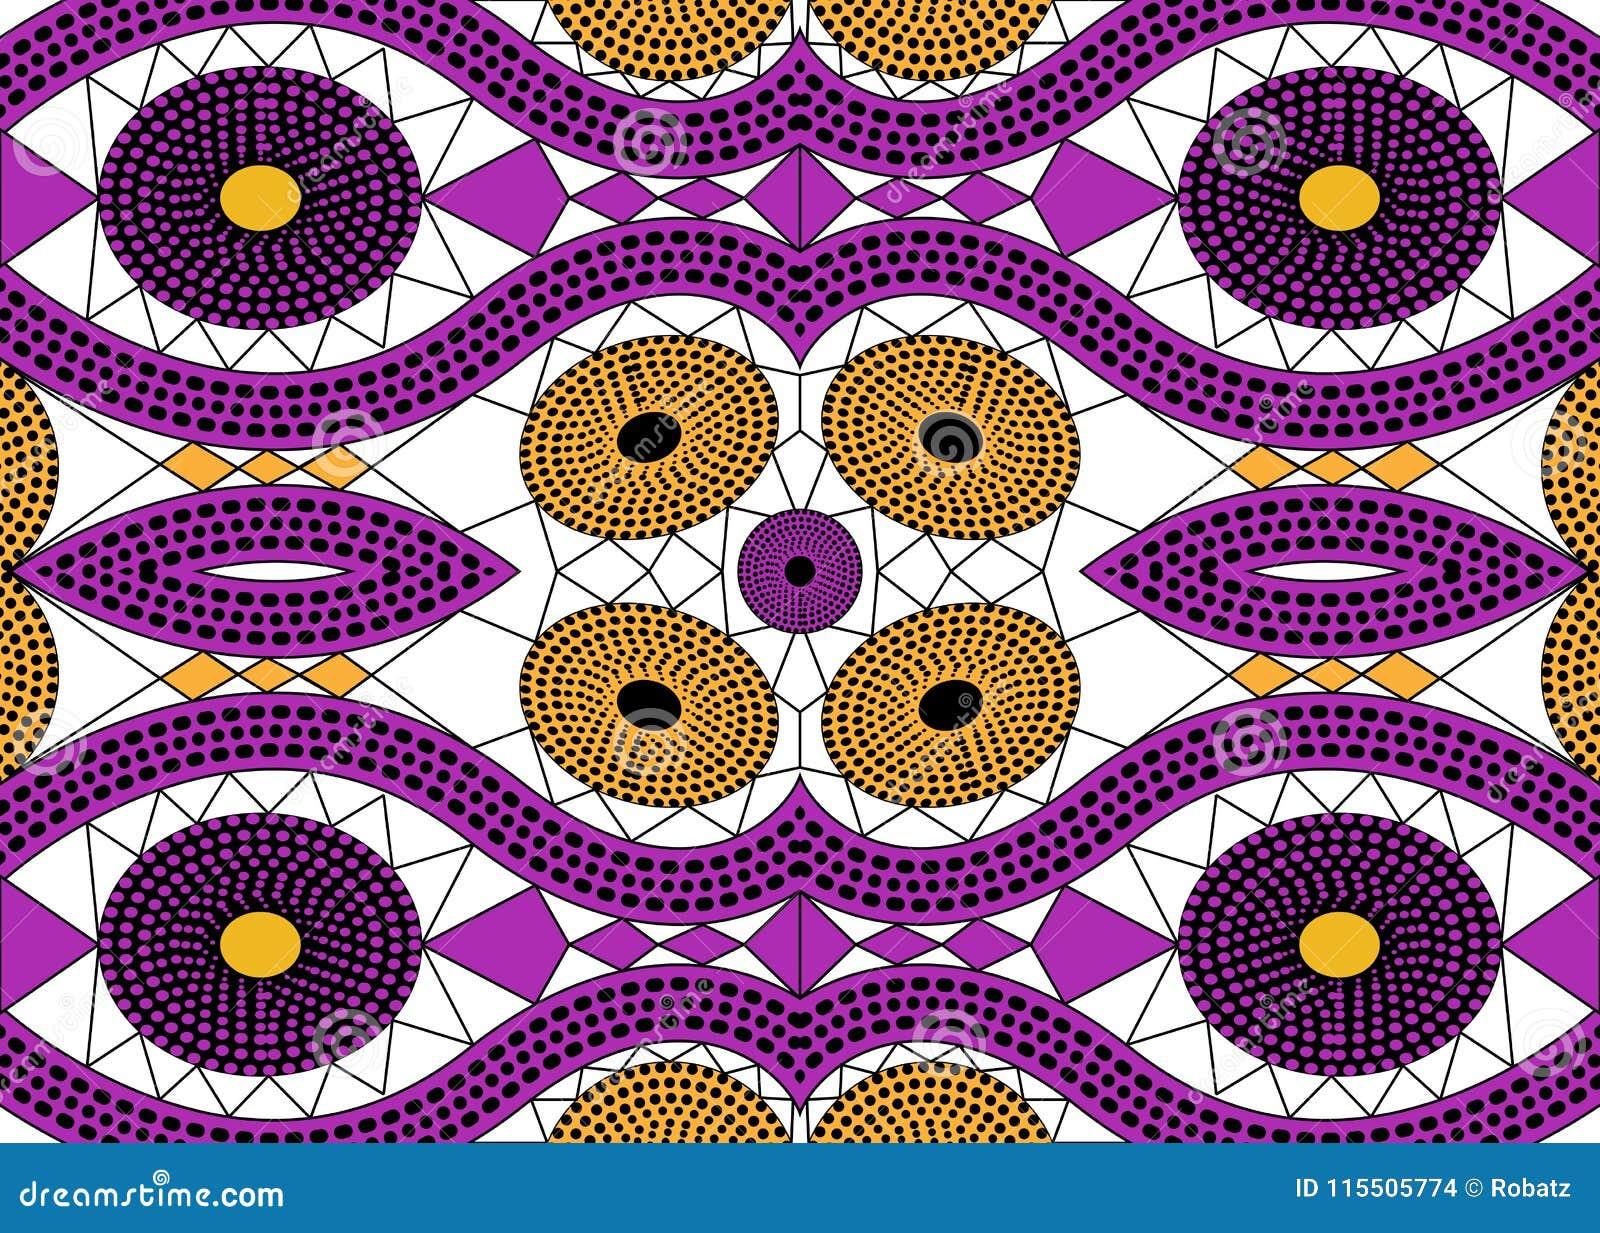 Африканская ткань печати, этнический handmade орнамент для ваших геометрических элементов дизайна, этнических и племенных мотивов